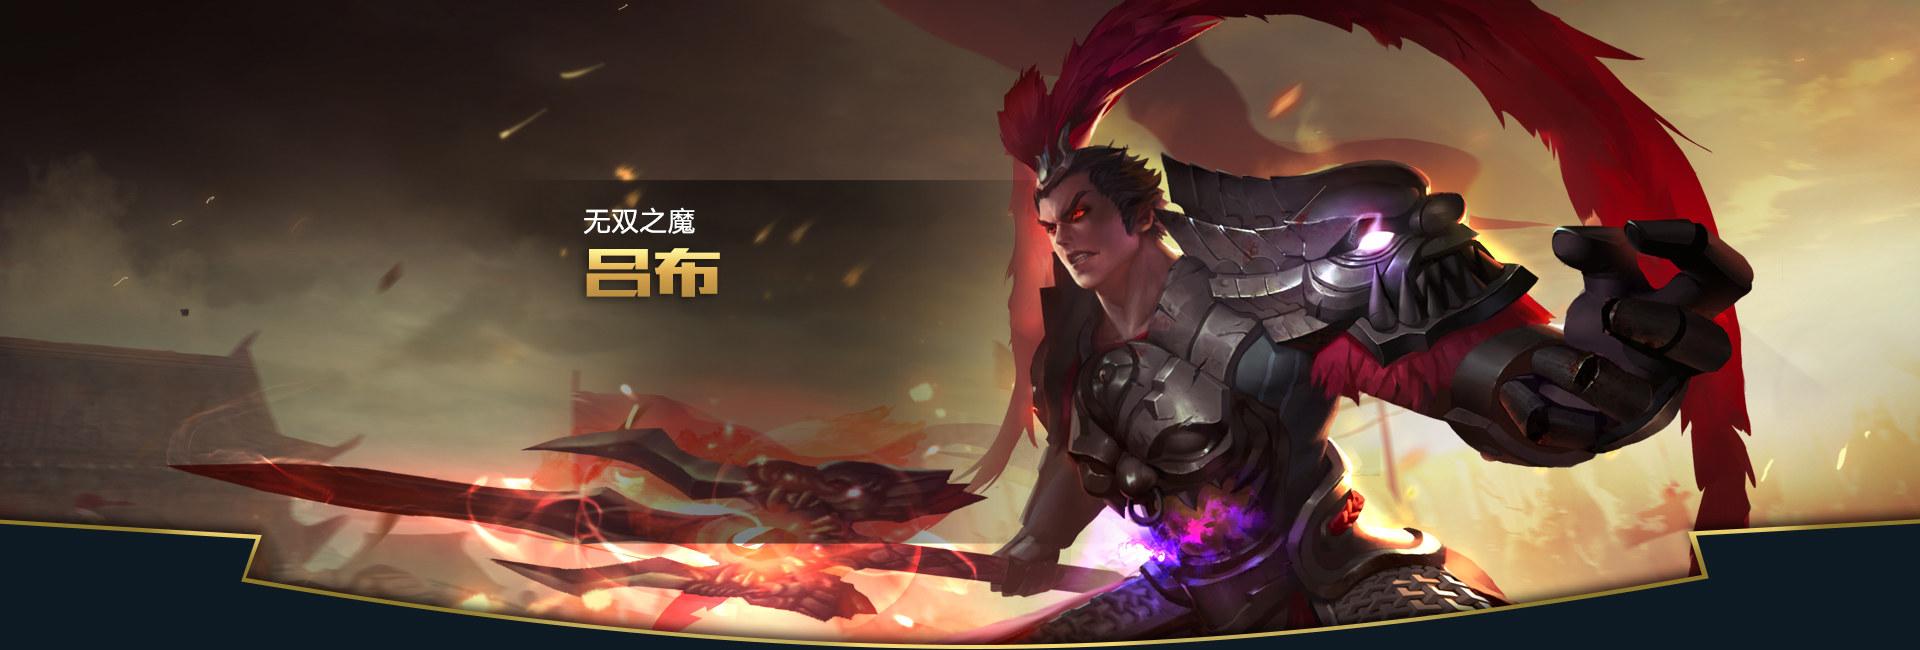 第2弹《王者荣耀英雄皮肤CG》竞技游戏153